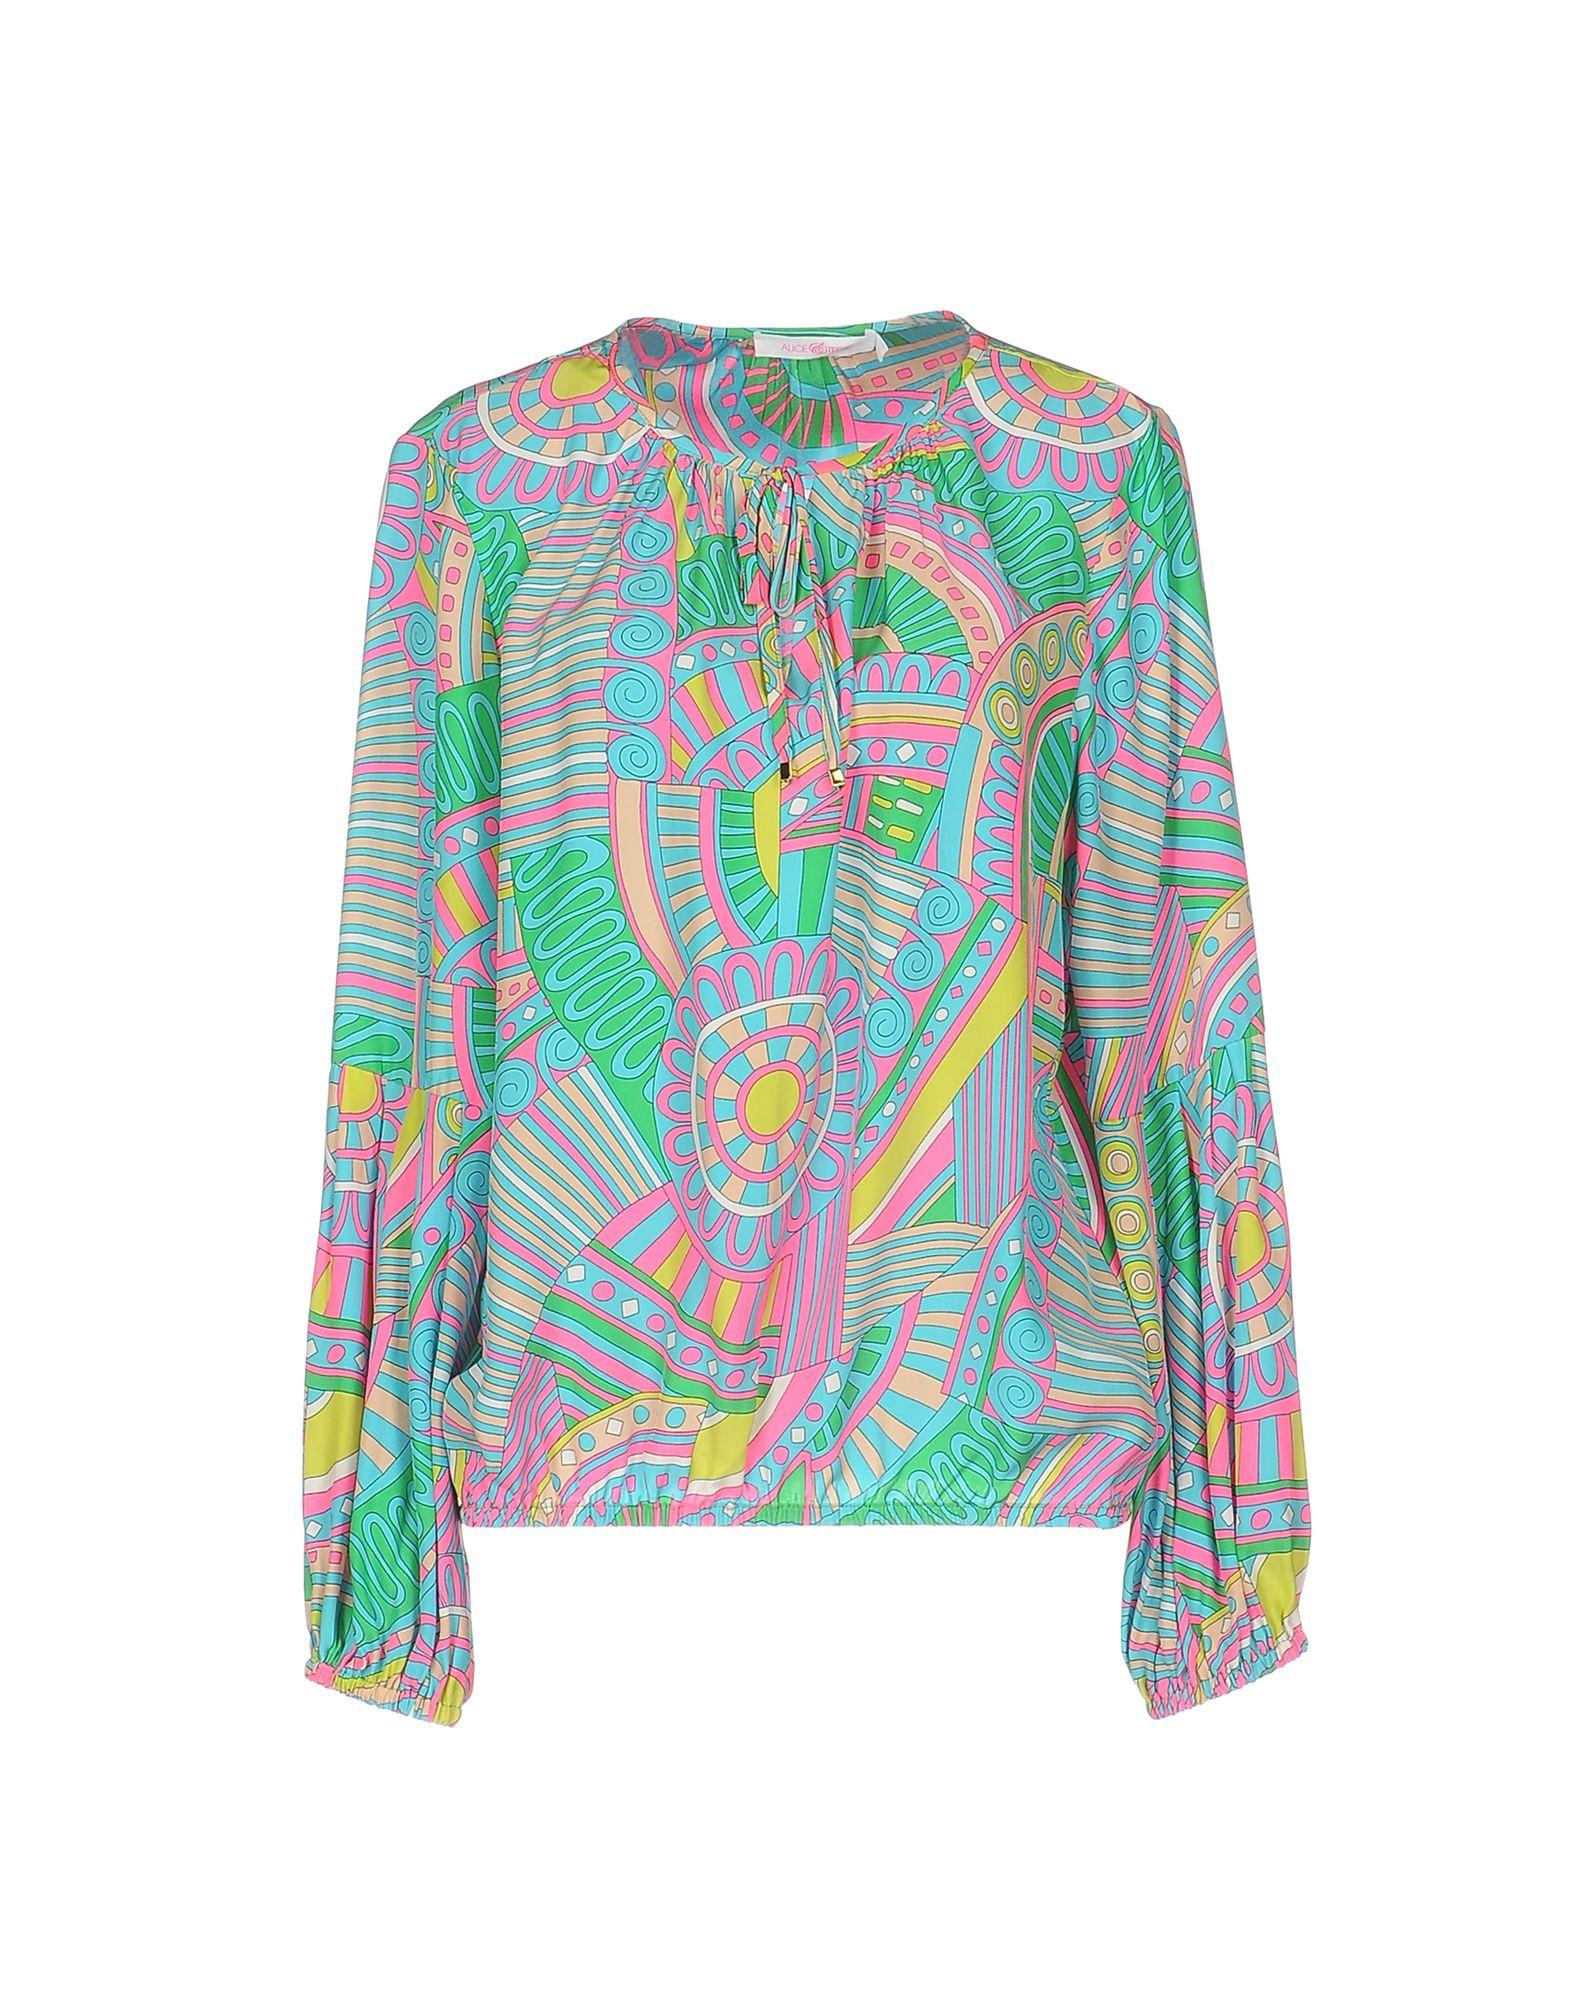 ALICE & TRIXIE Блузка moda alice moda alice mo056awivw43